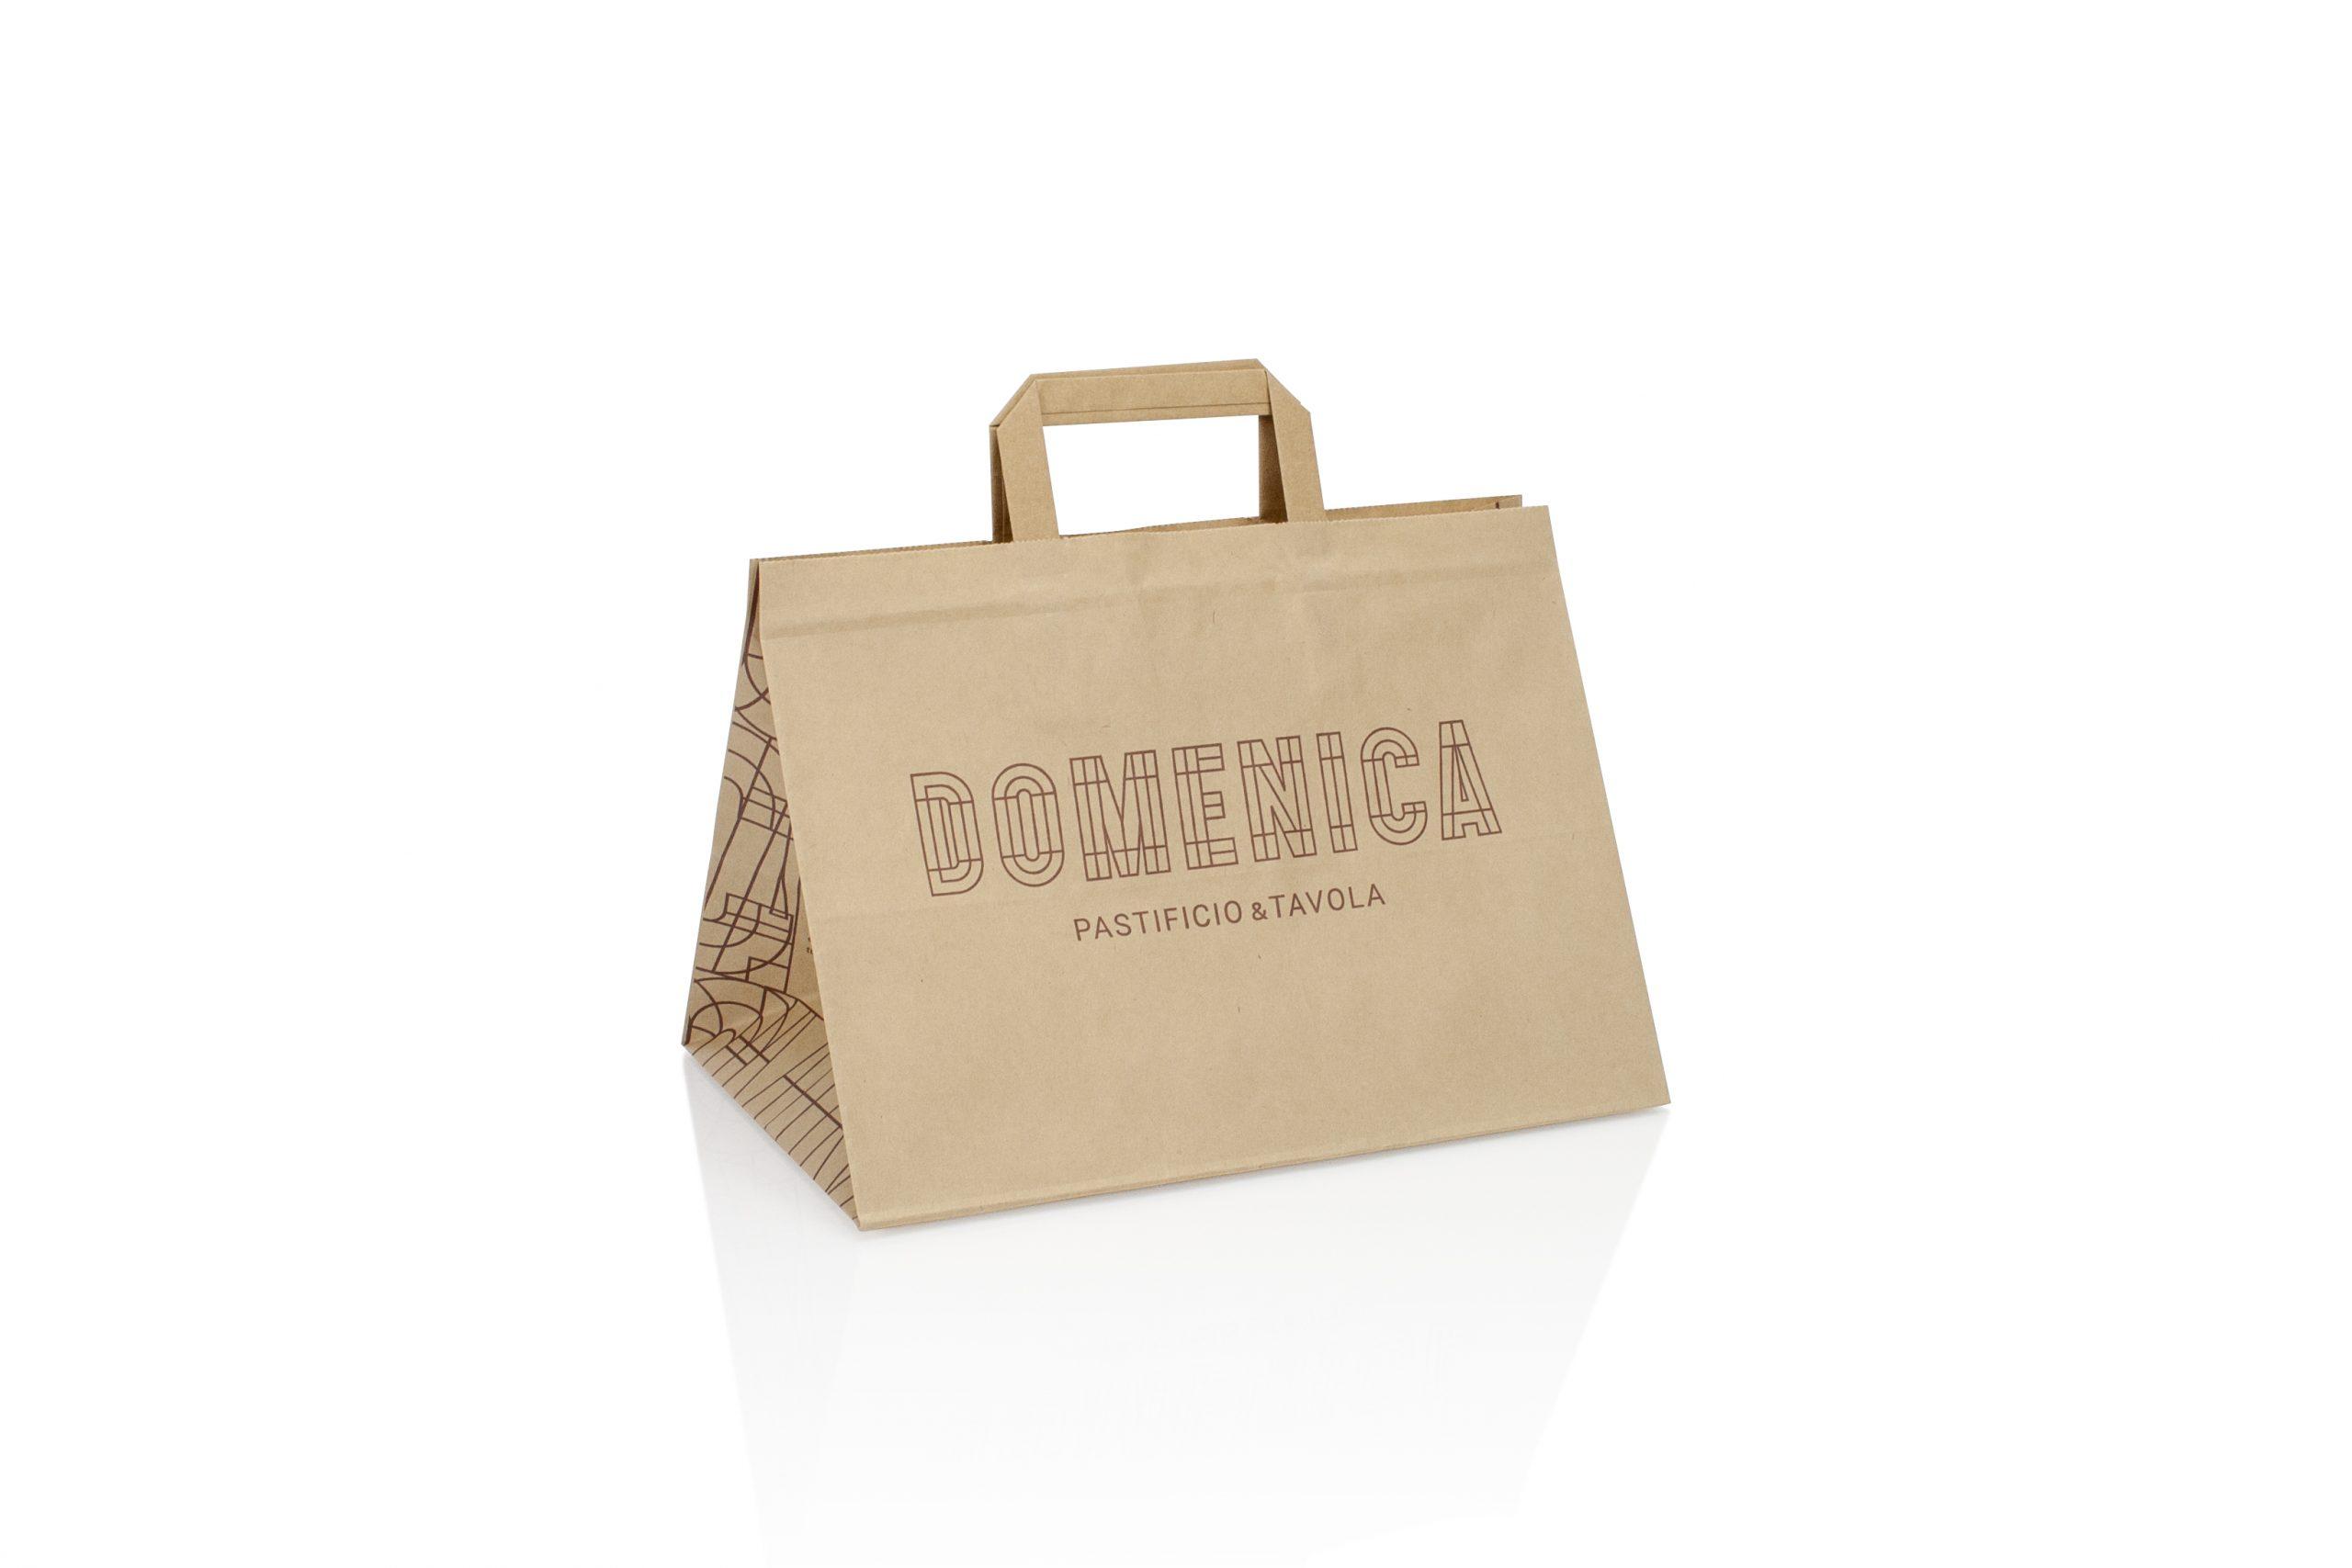 Snackzakken voor voeding bedrukt met logo of bedrijfsnaam